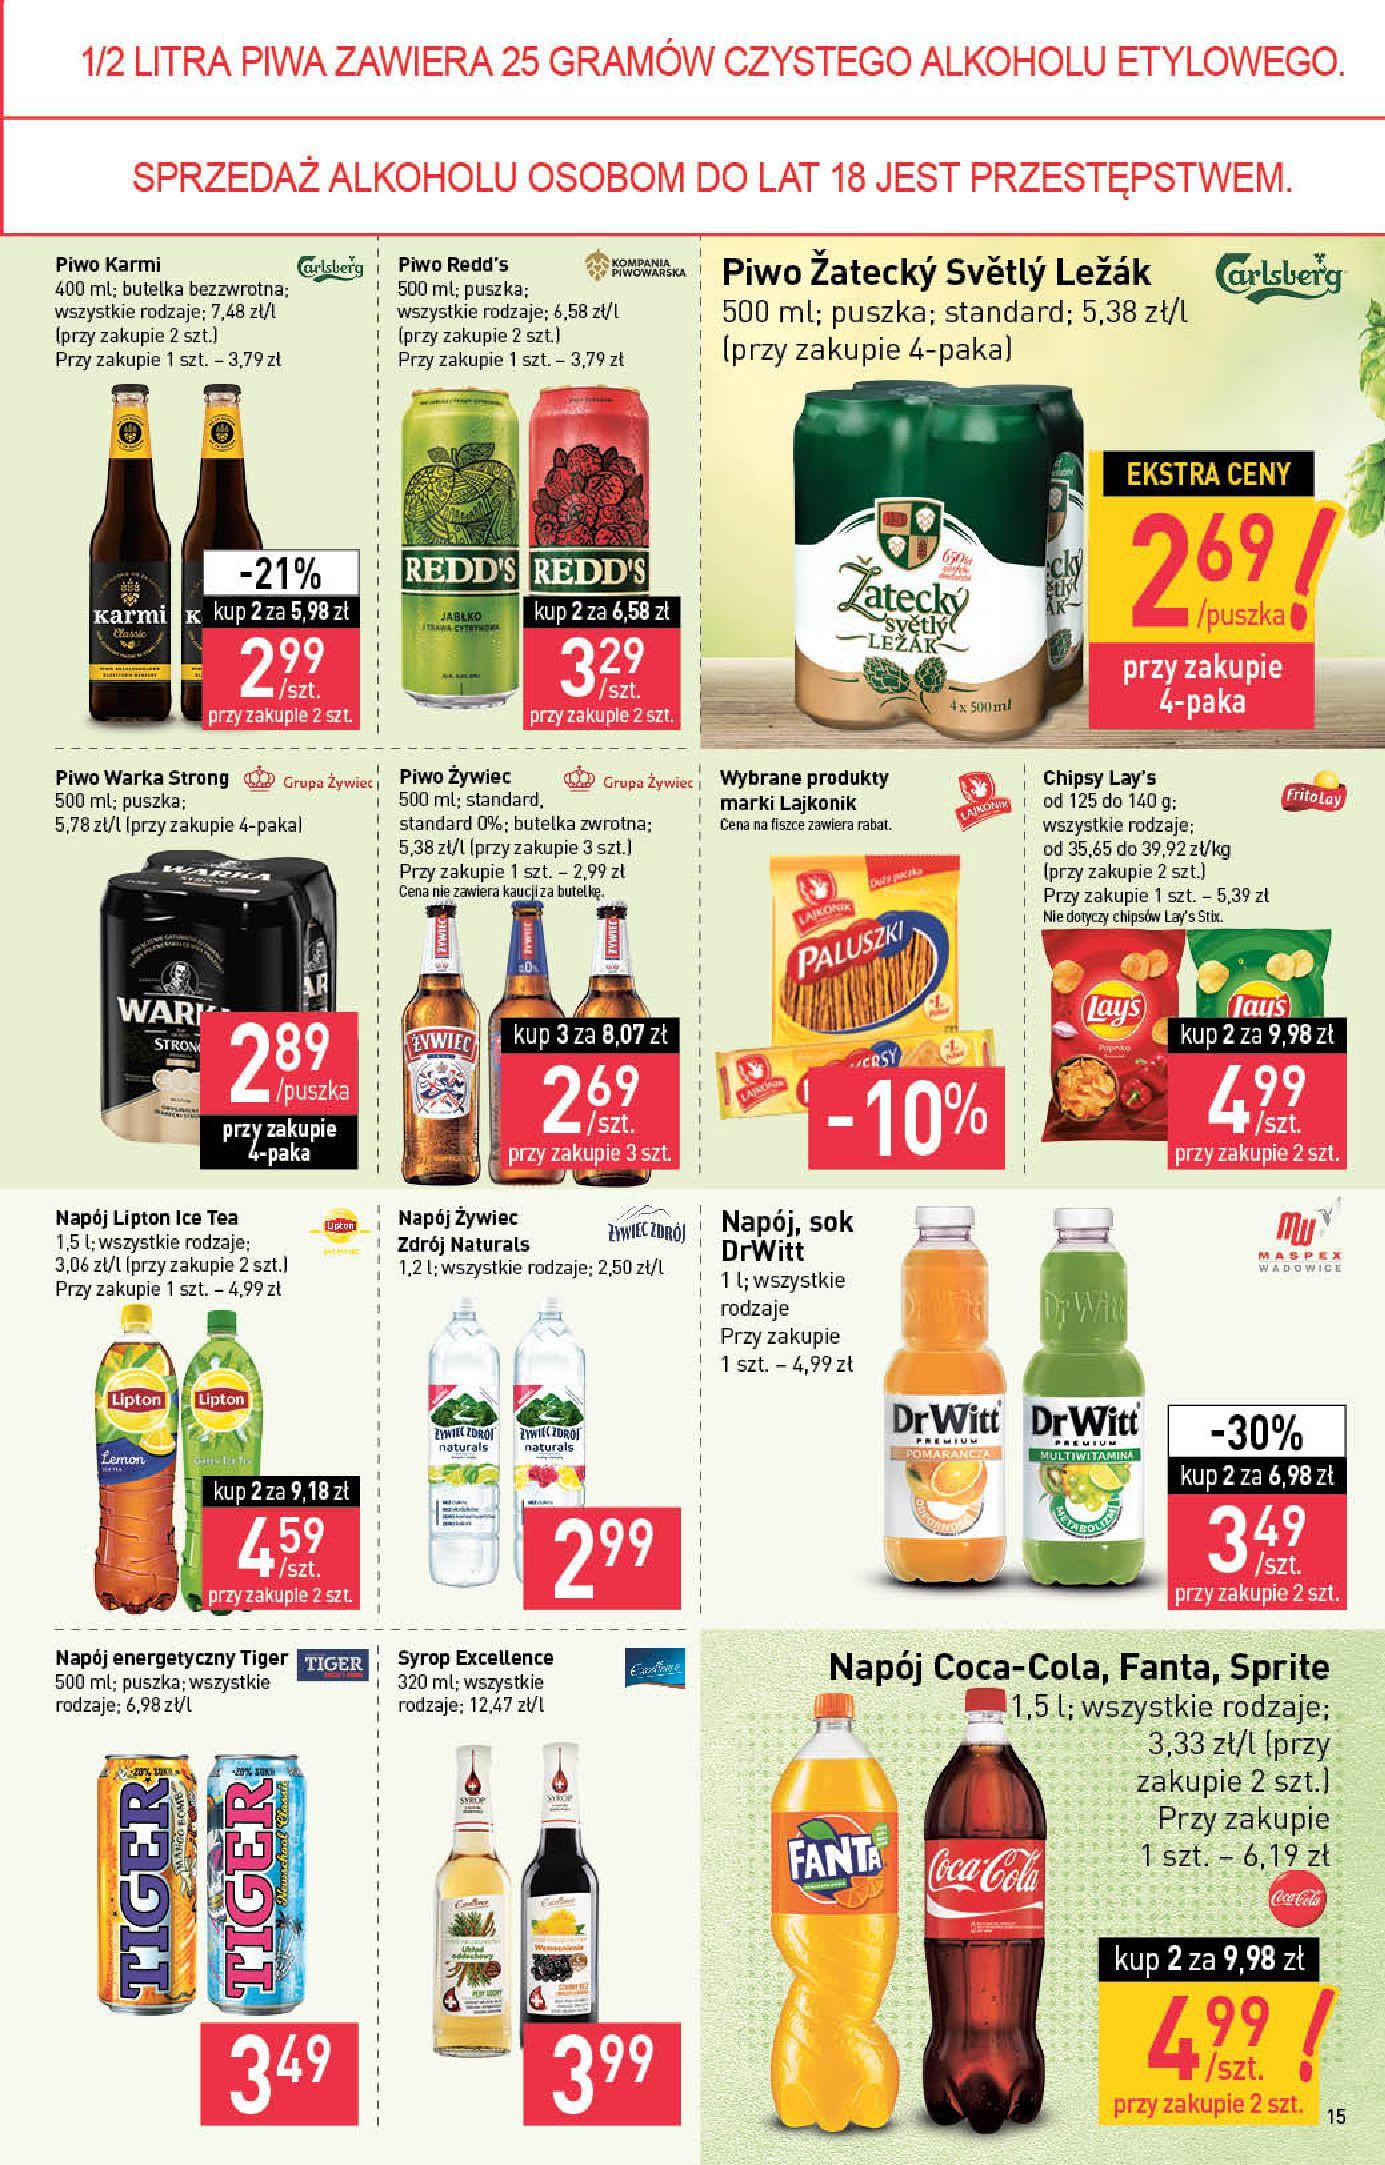 Gazetka Stokrotka Supermarket: Stokrotka Supermarket_IMPORTED_20210720130049 2021-07-22 page-15